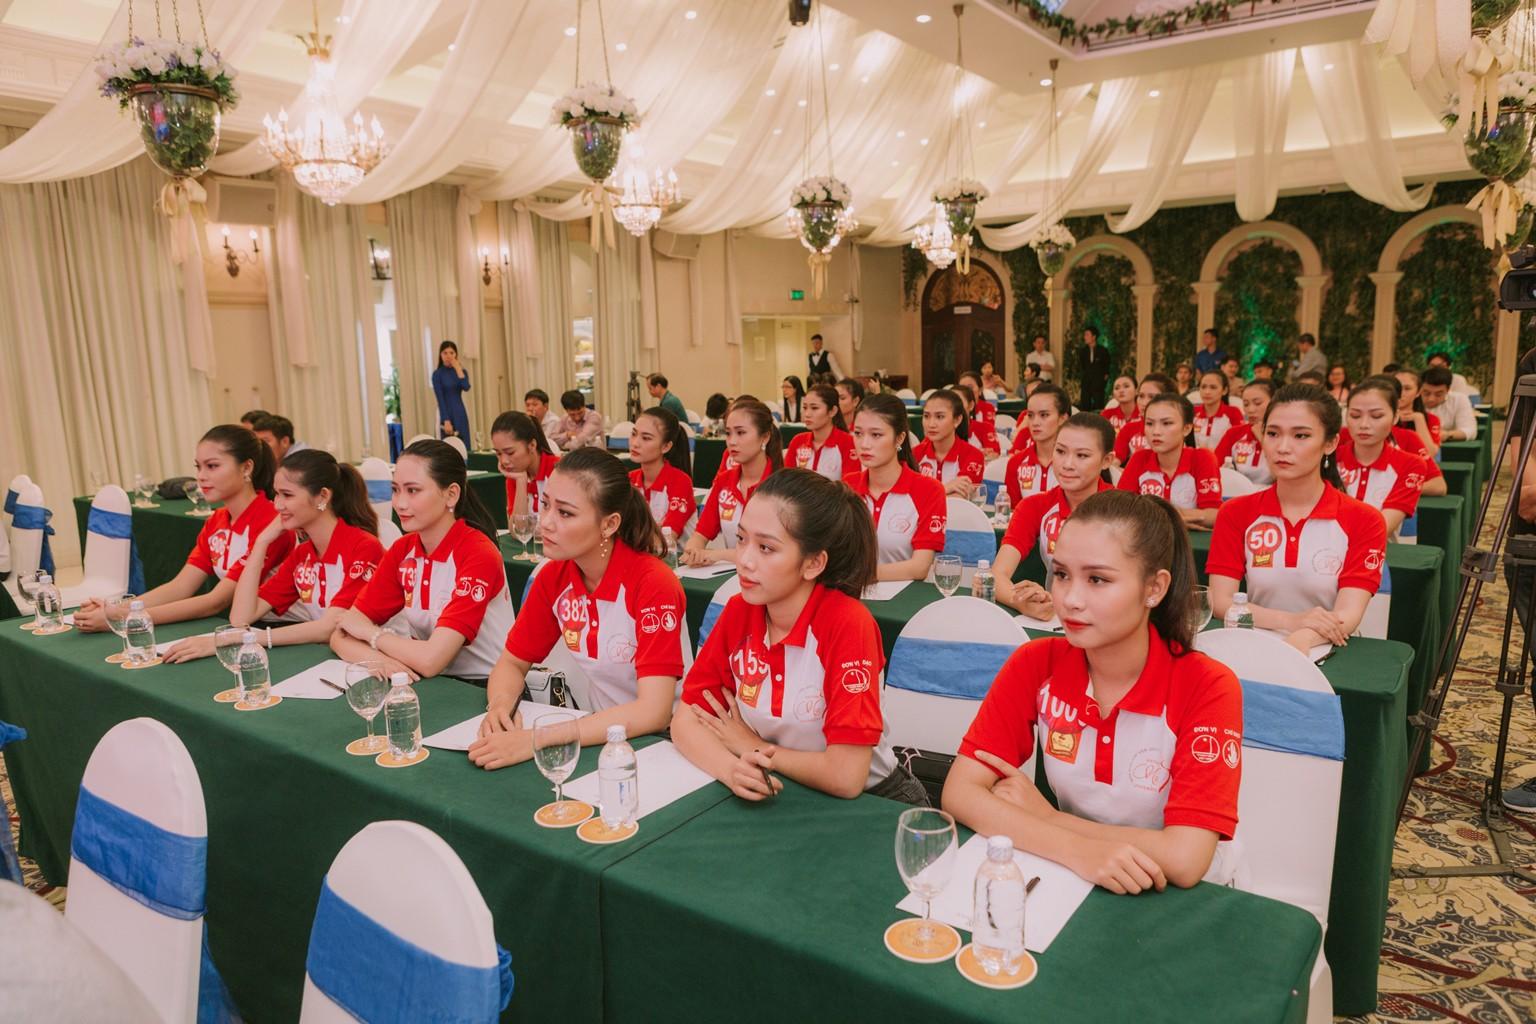 Cuối tuần này, 45 nữ sinh tài năng nhất sẽ cùng tranh tài trong đêm Chung kết Hoa khôi sinh viên Việt Nam - Ảnh 2.